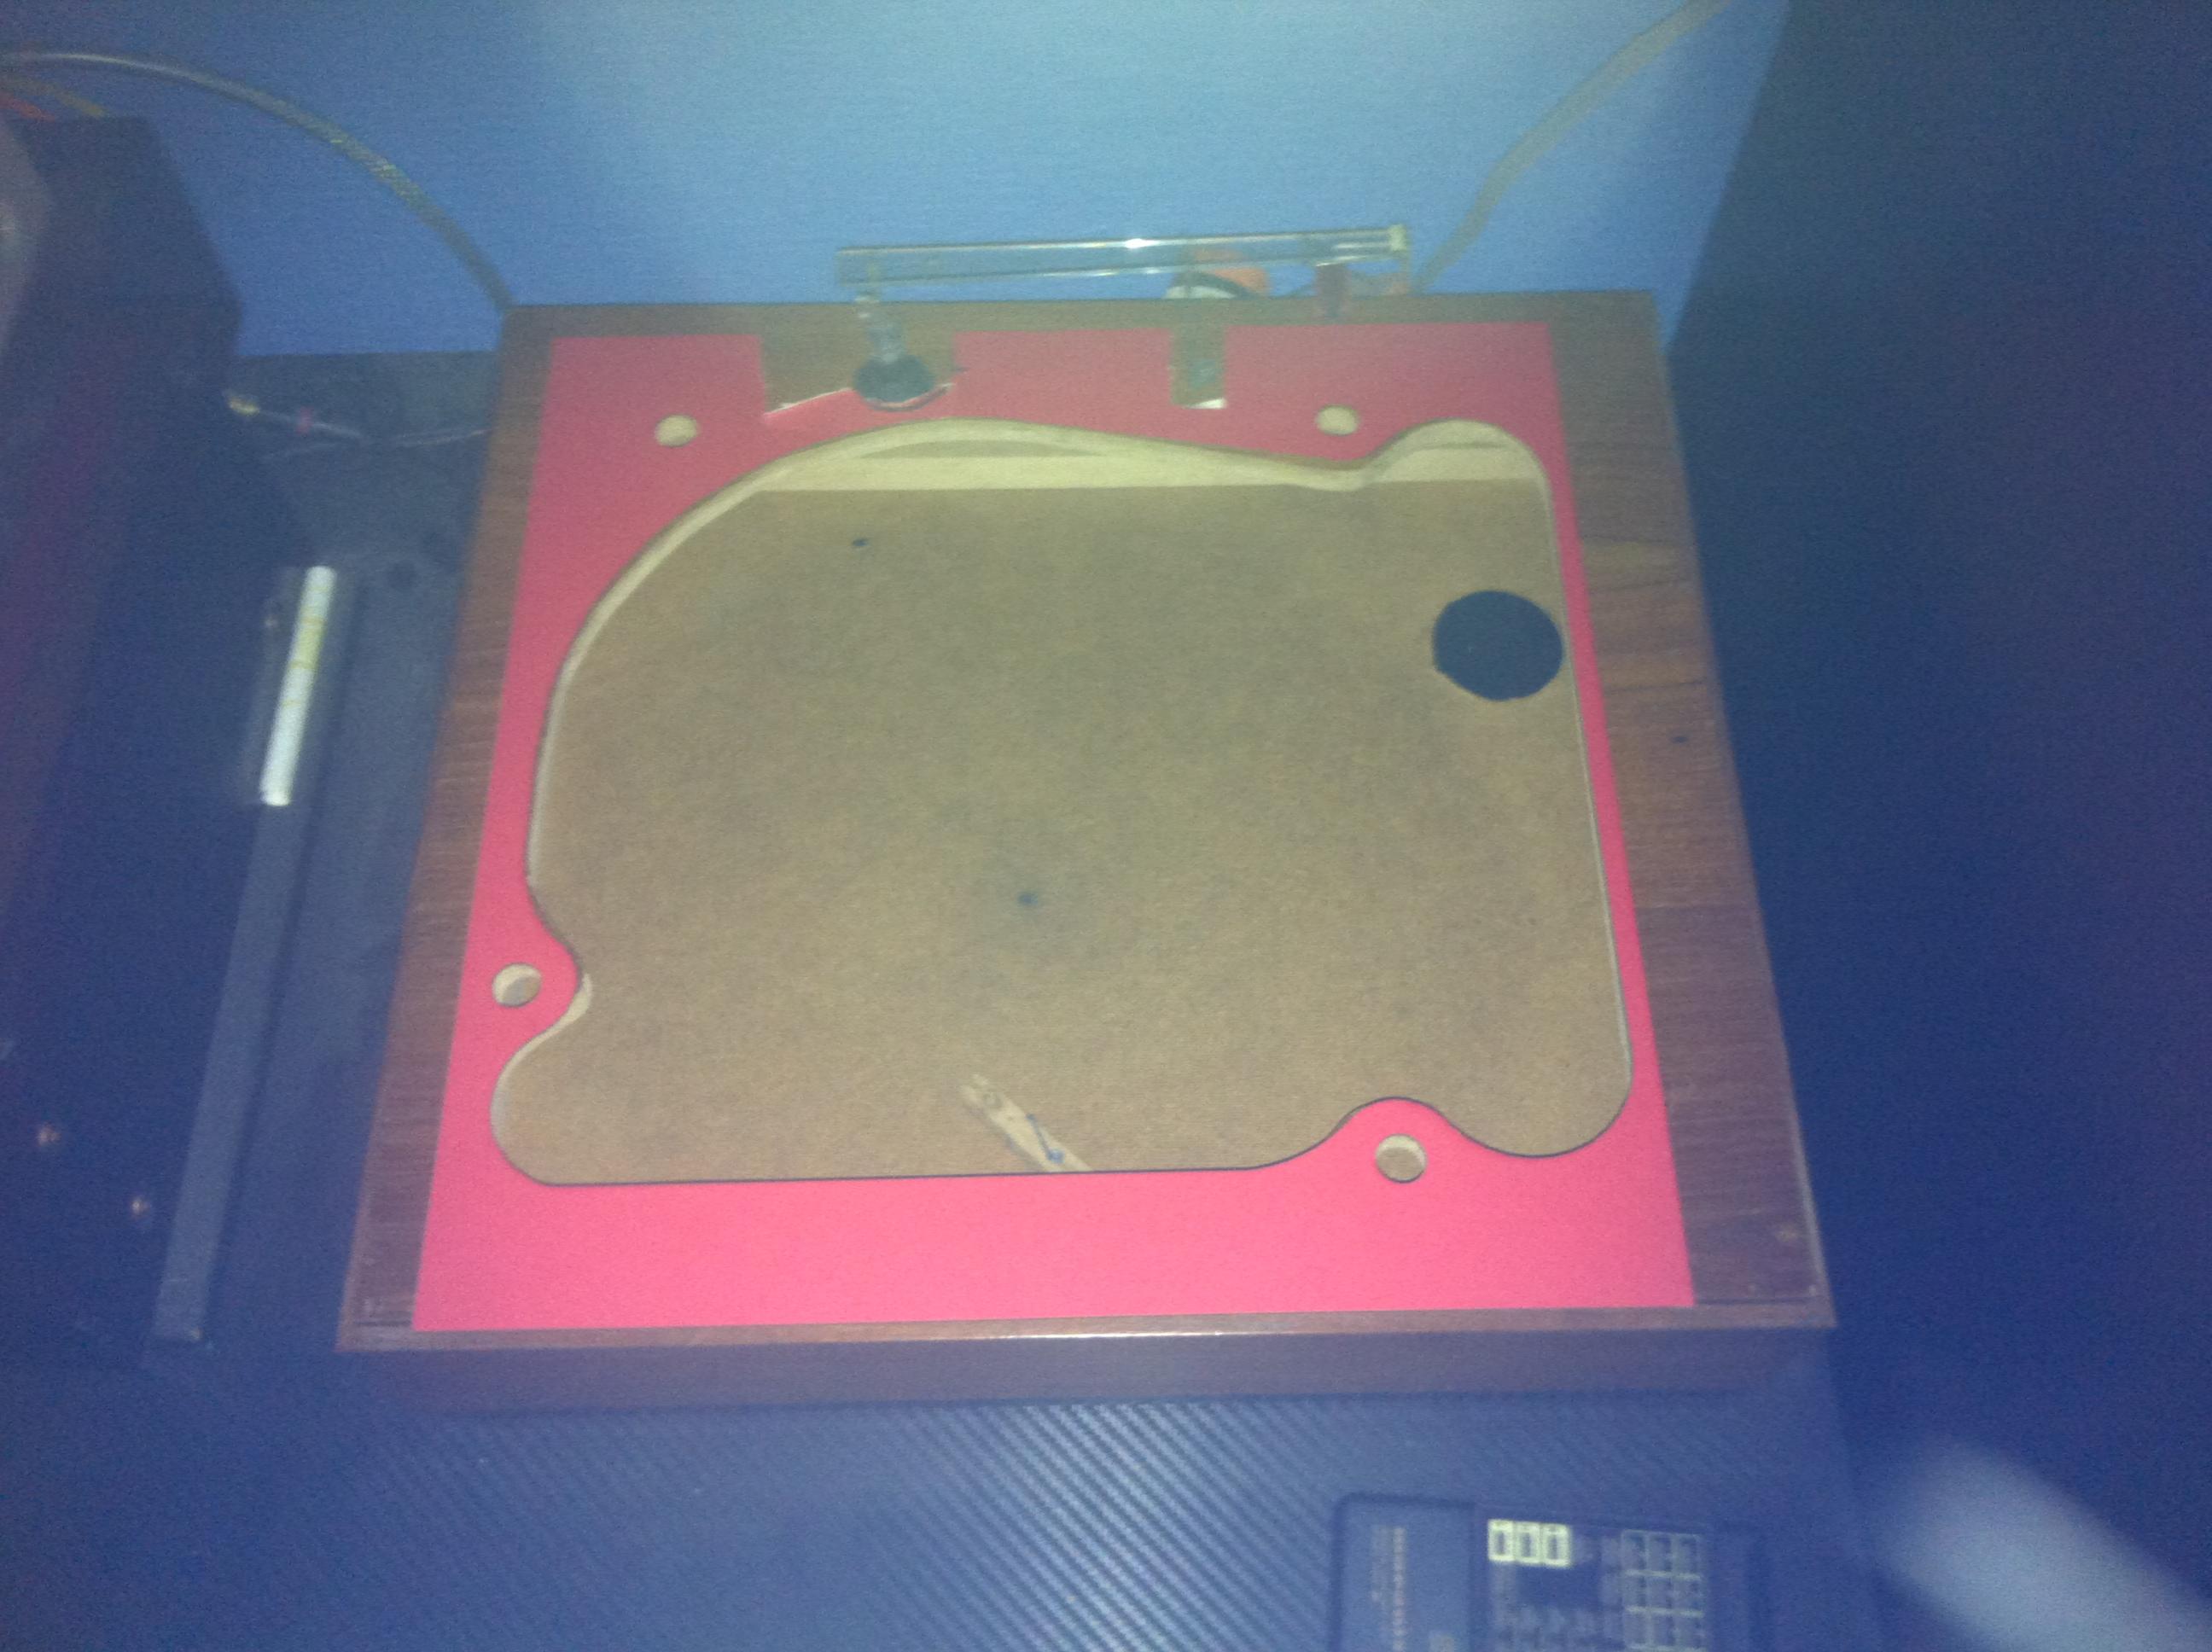 cardboardtemplate